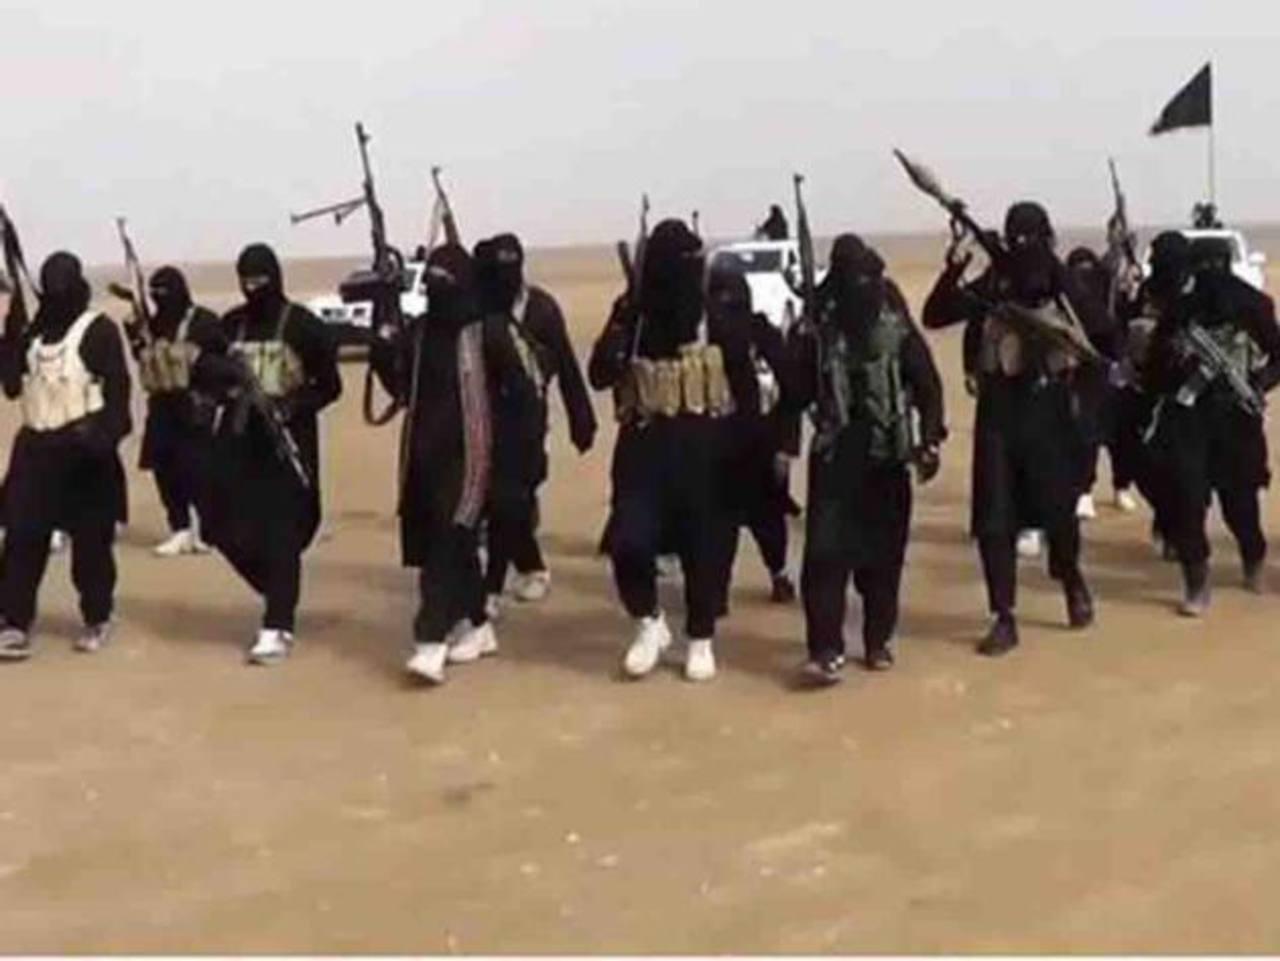 Imagen de un vídeo propagandístico del grupo yihadista Estado Islámico. foto edh / archivo